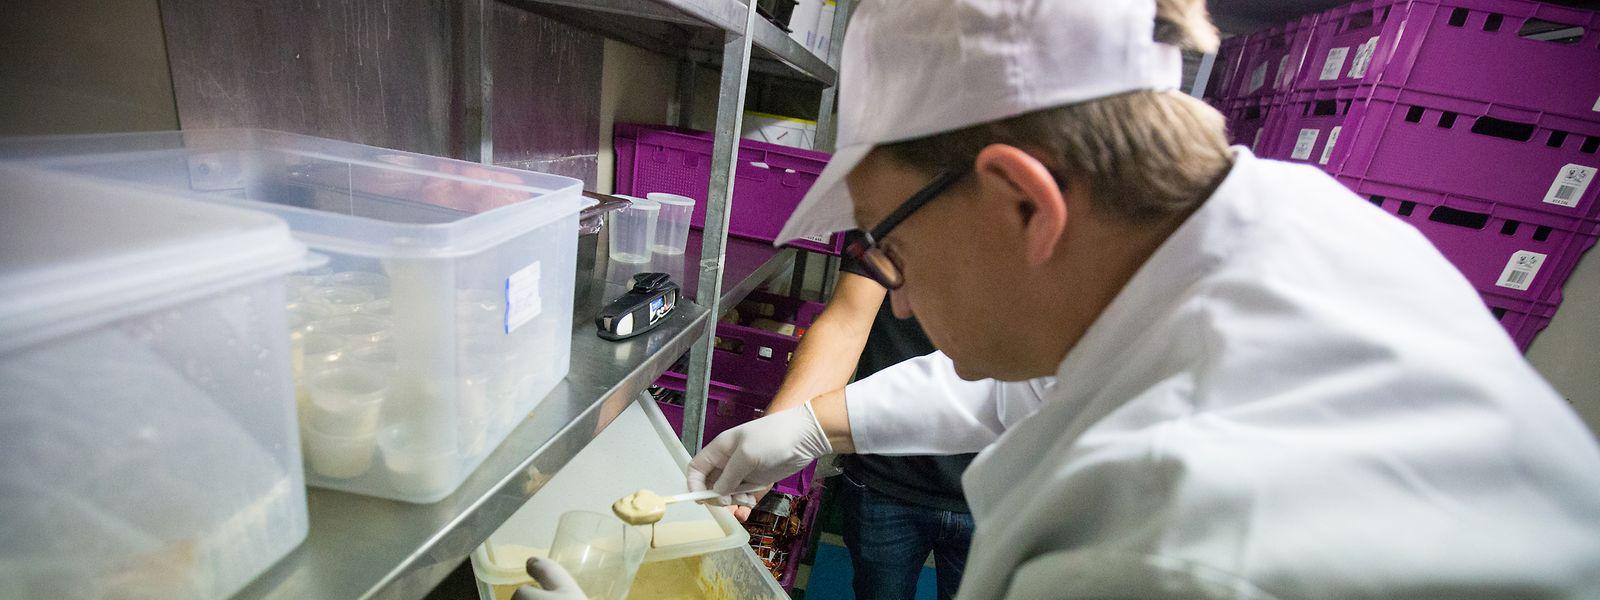 Chaque année, près de 2.000 contrôles sont réalisés dans les cafés, restaurants, supermarchés, grossistes, meuneries, torréfacteurs, embouteilleurs, etc.